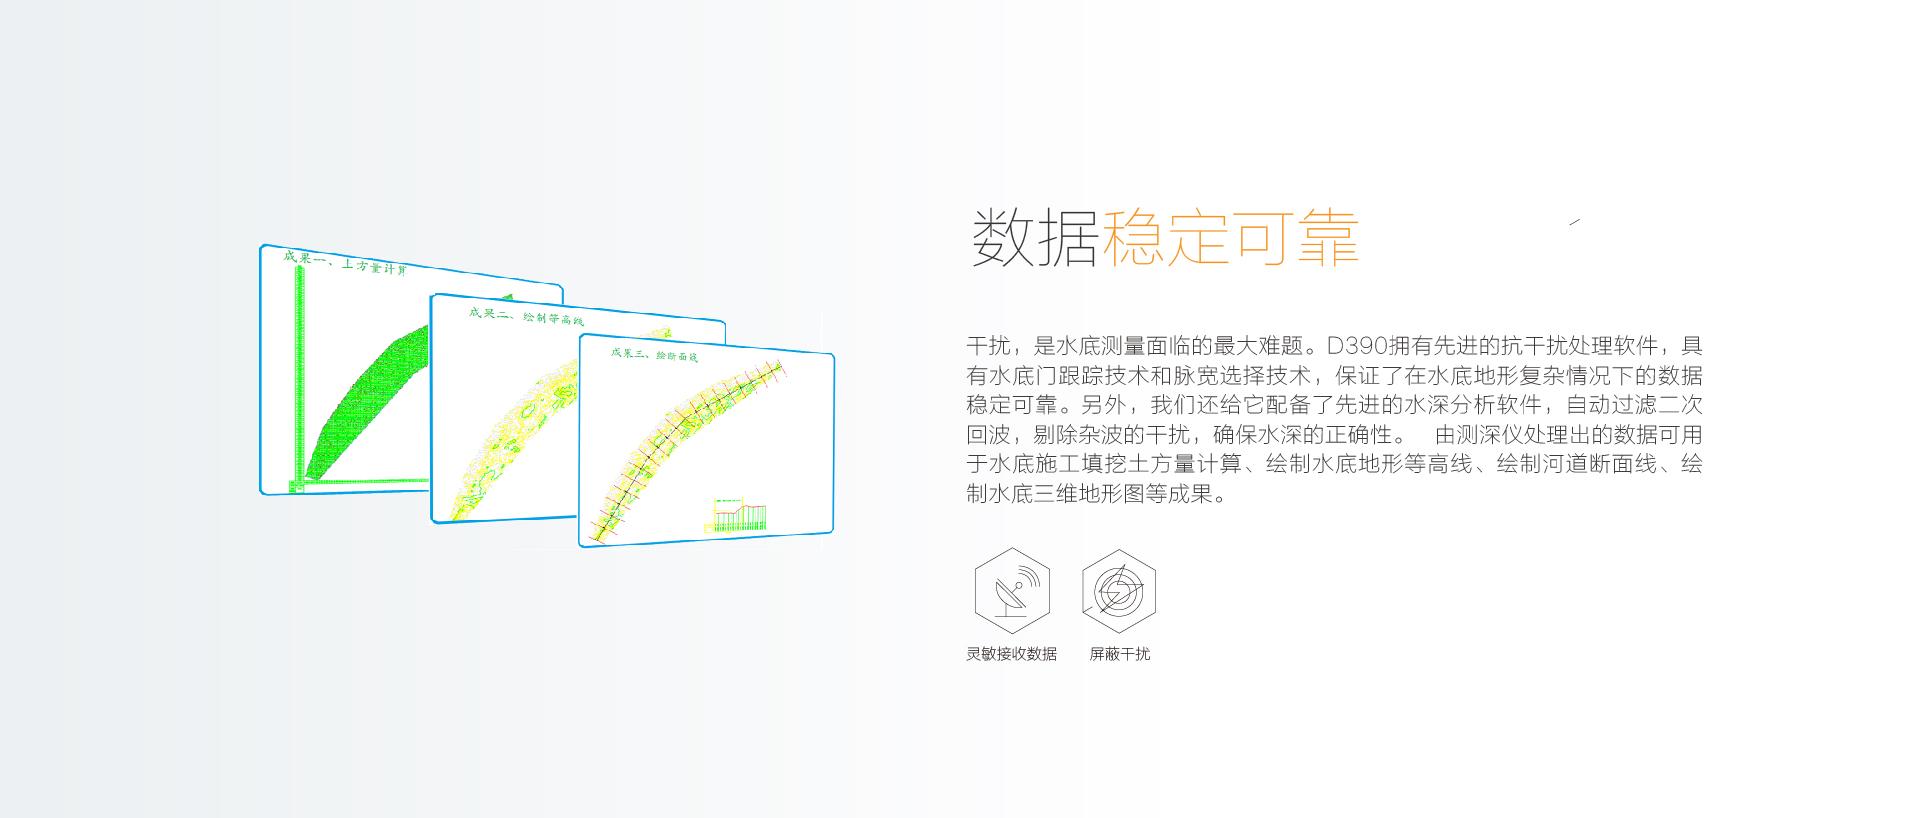 華測導航D390單頻變頻測深儀,靈敏接收數據,屏蔽幹擾,數據穩定可靠,華測導航